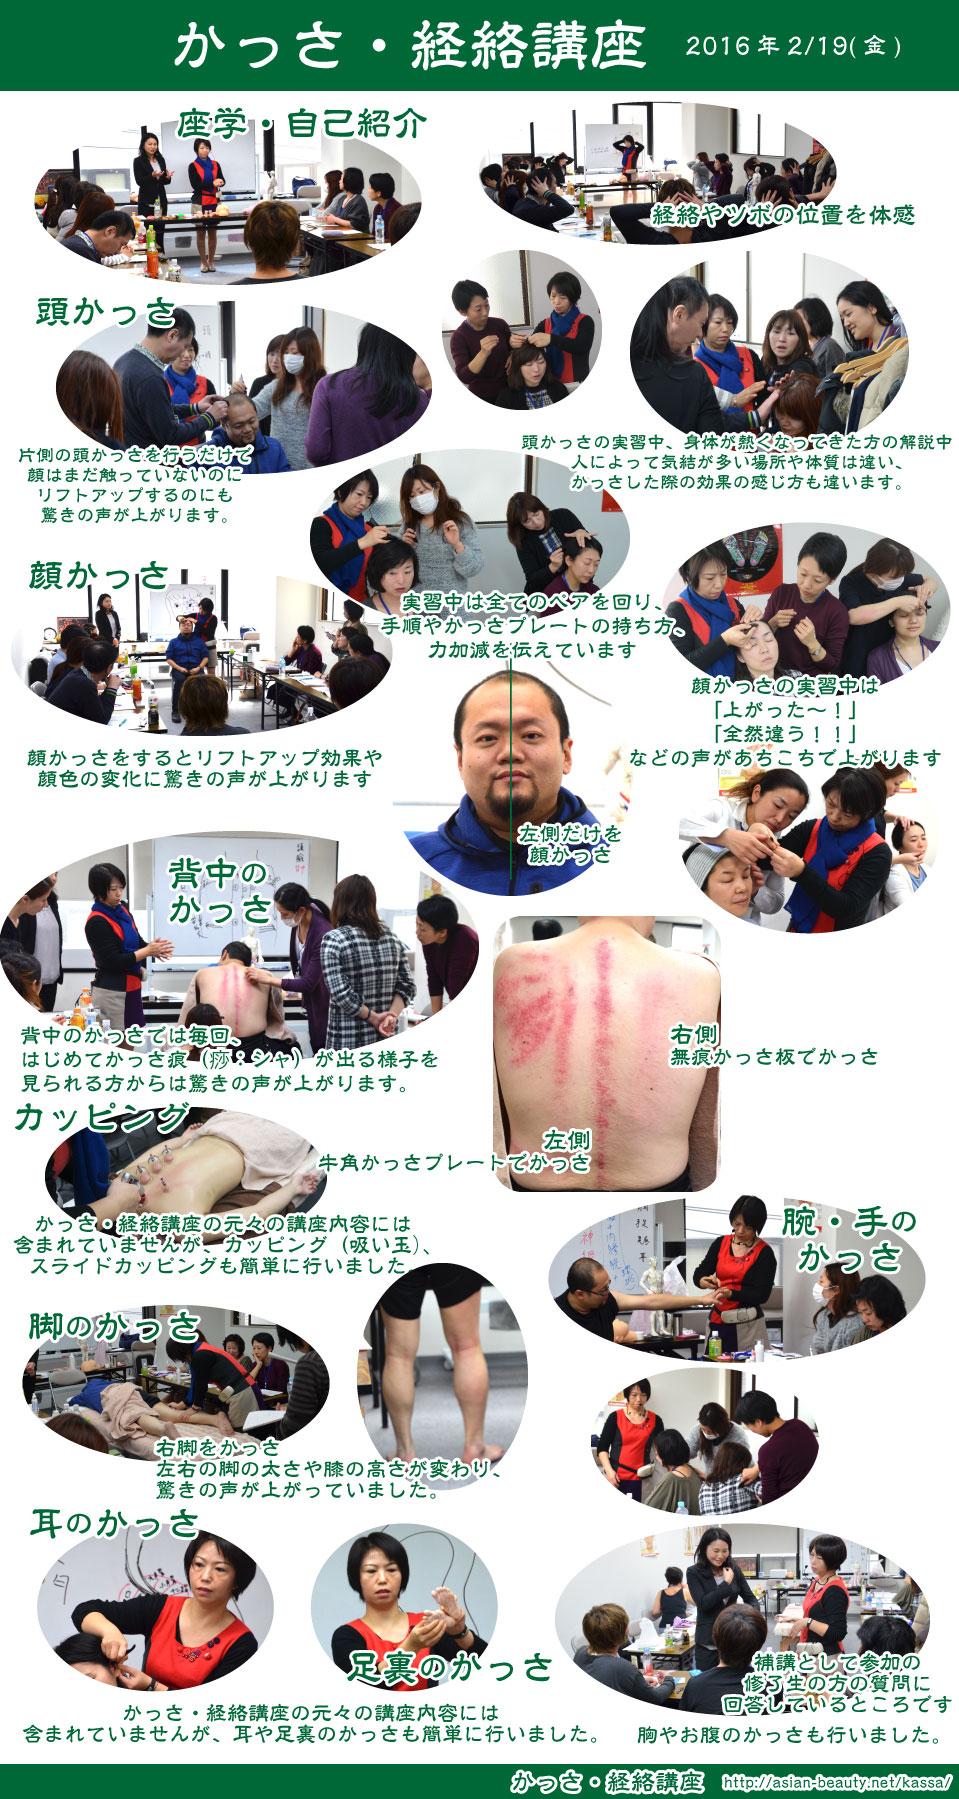 かっさ・経絡講座 スクール写真